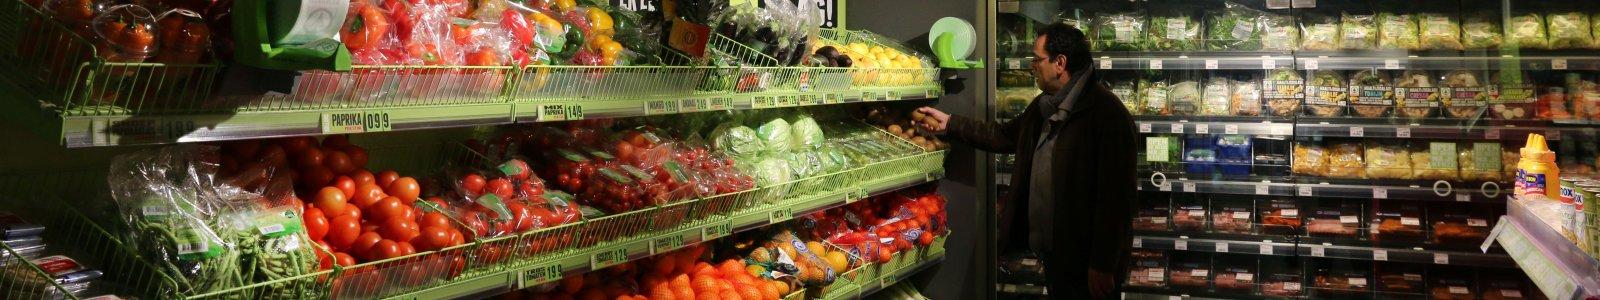 Groente- en fruitafdeling van de supermarkt